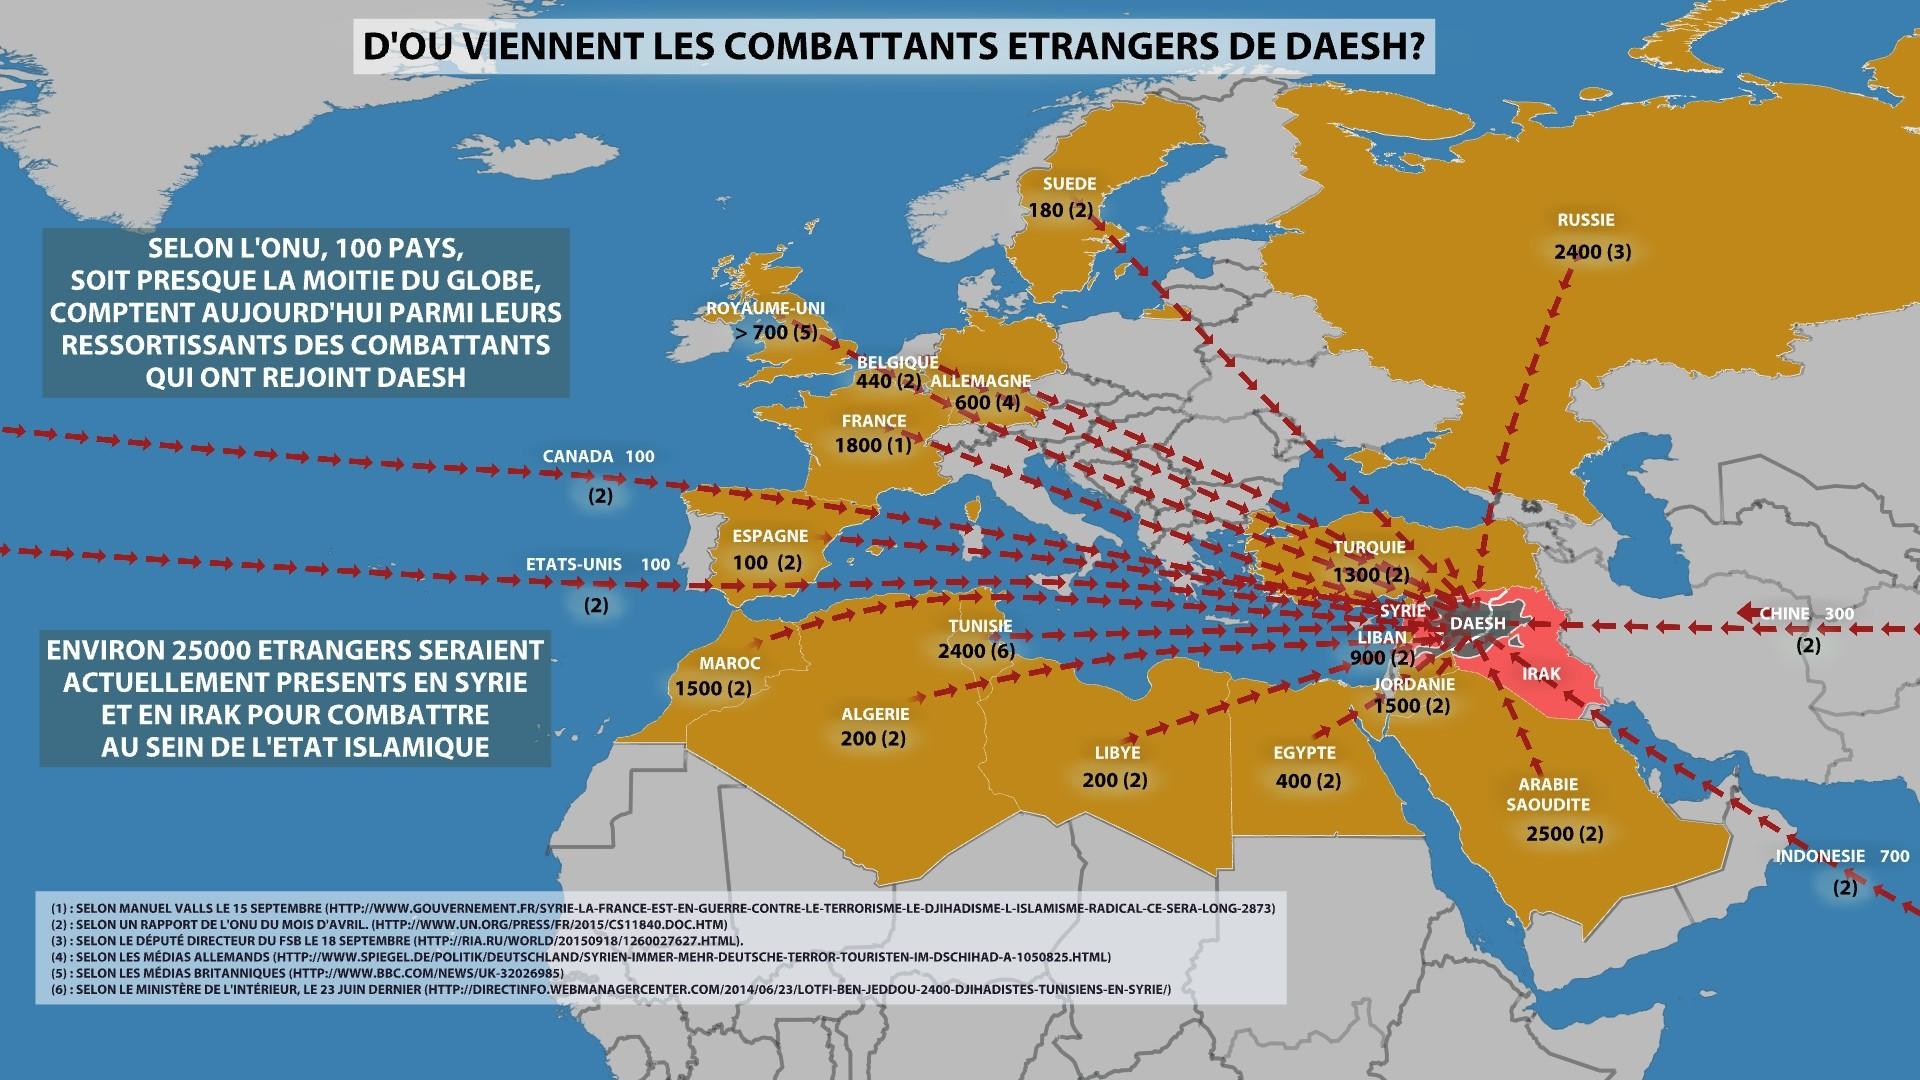 La Belgique, premier fournisseur de recrues à Daesh par habitant, selon les Nations-Unies